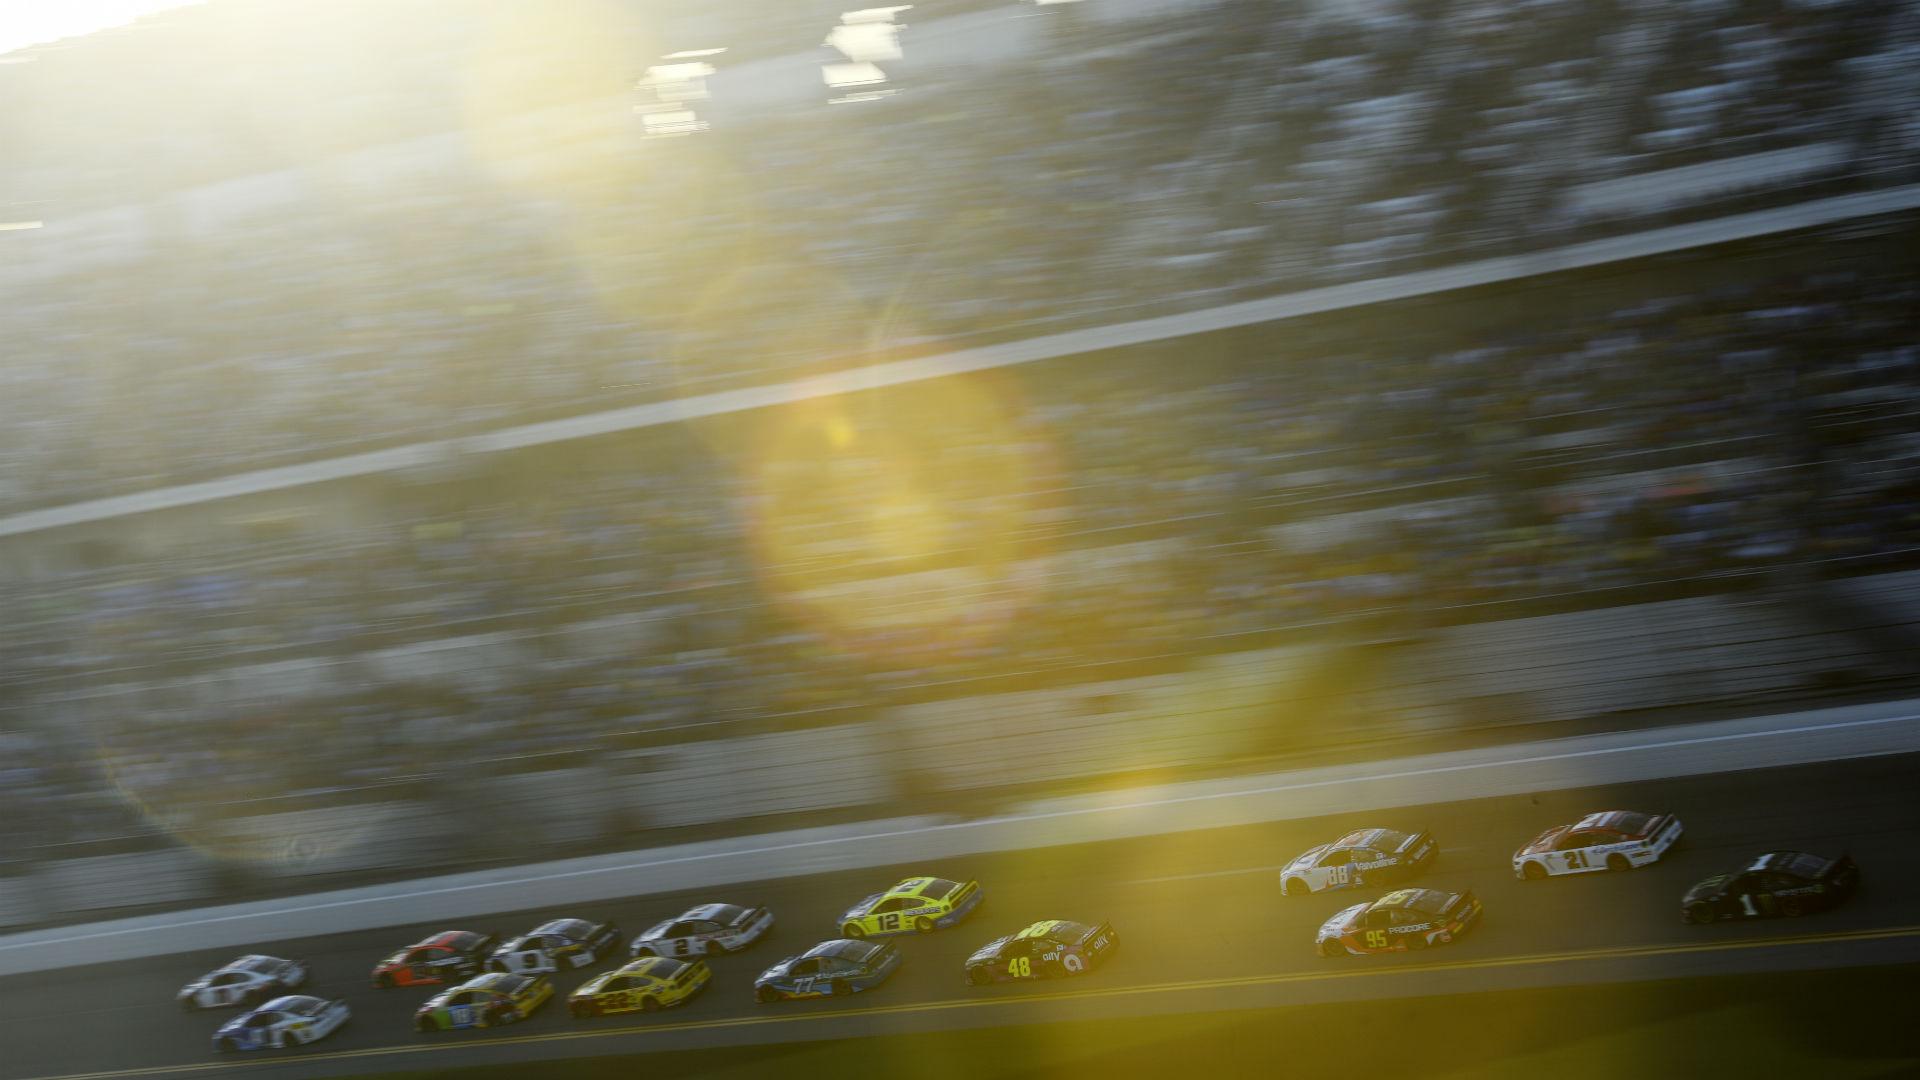 Accidente de las 500 Millas de Daytona: Mire el gran naufragio que recolectó la mitad del campo en la apertura de la temporada NASCAR 2020 2